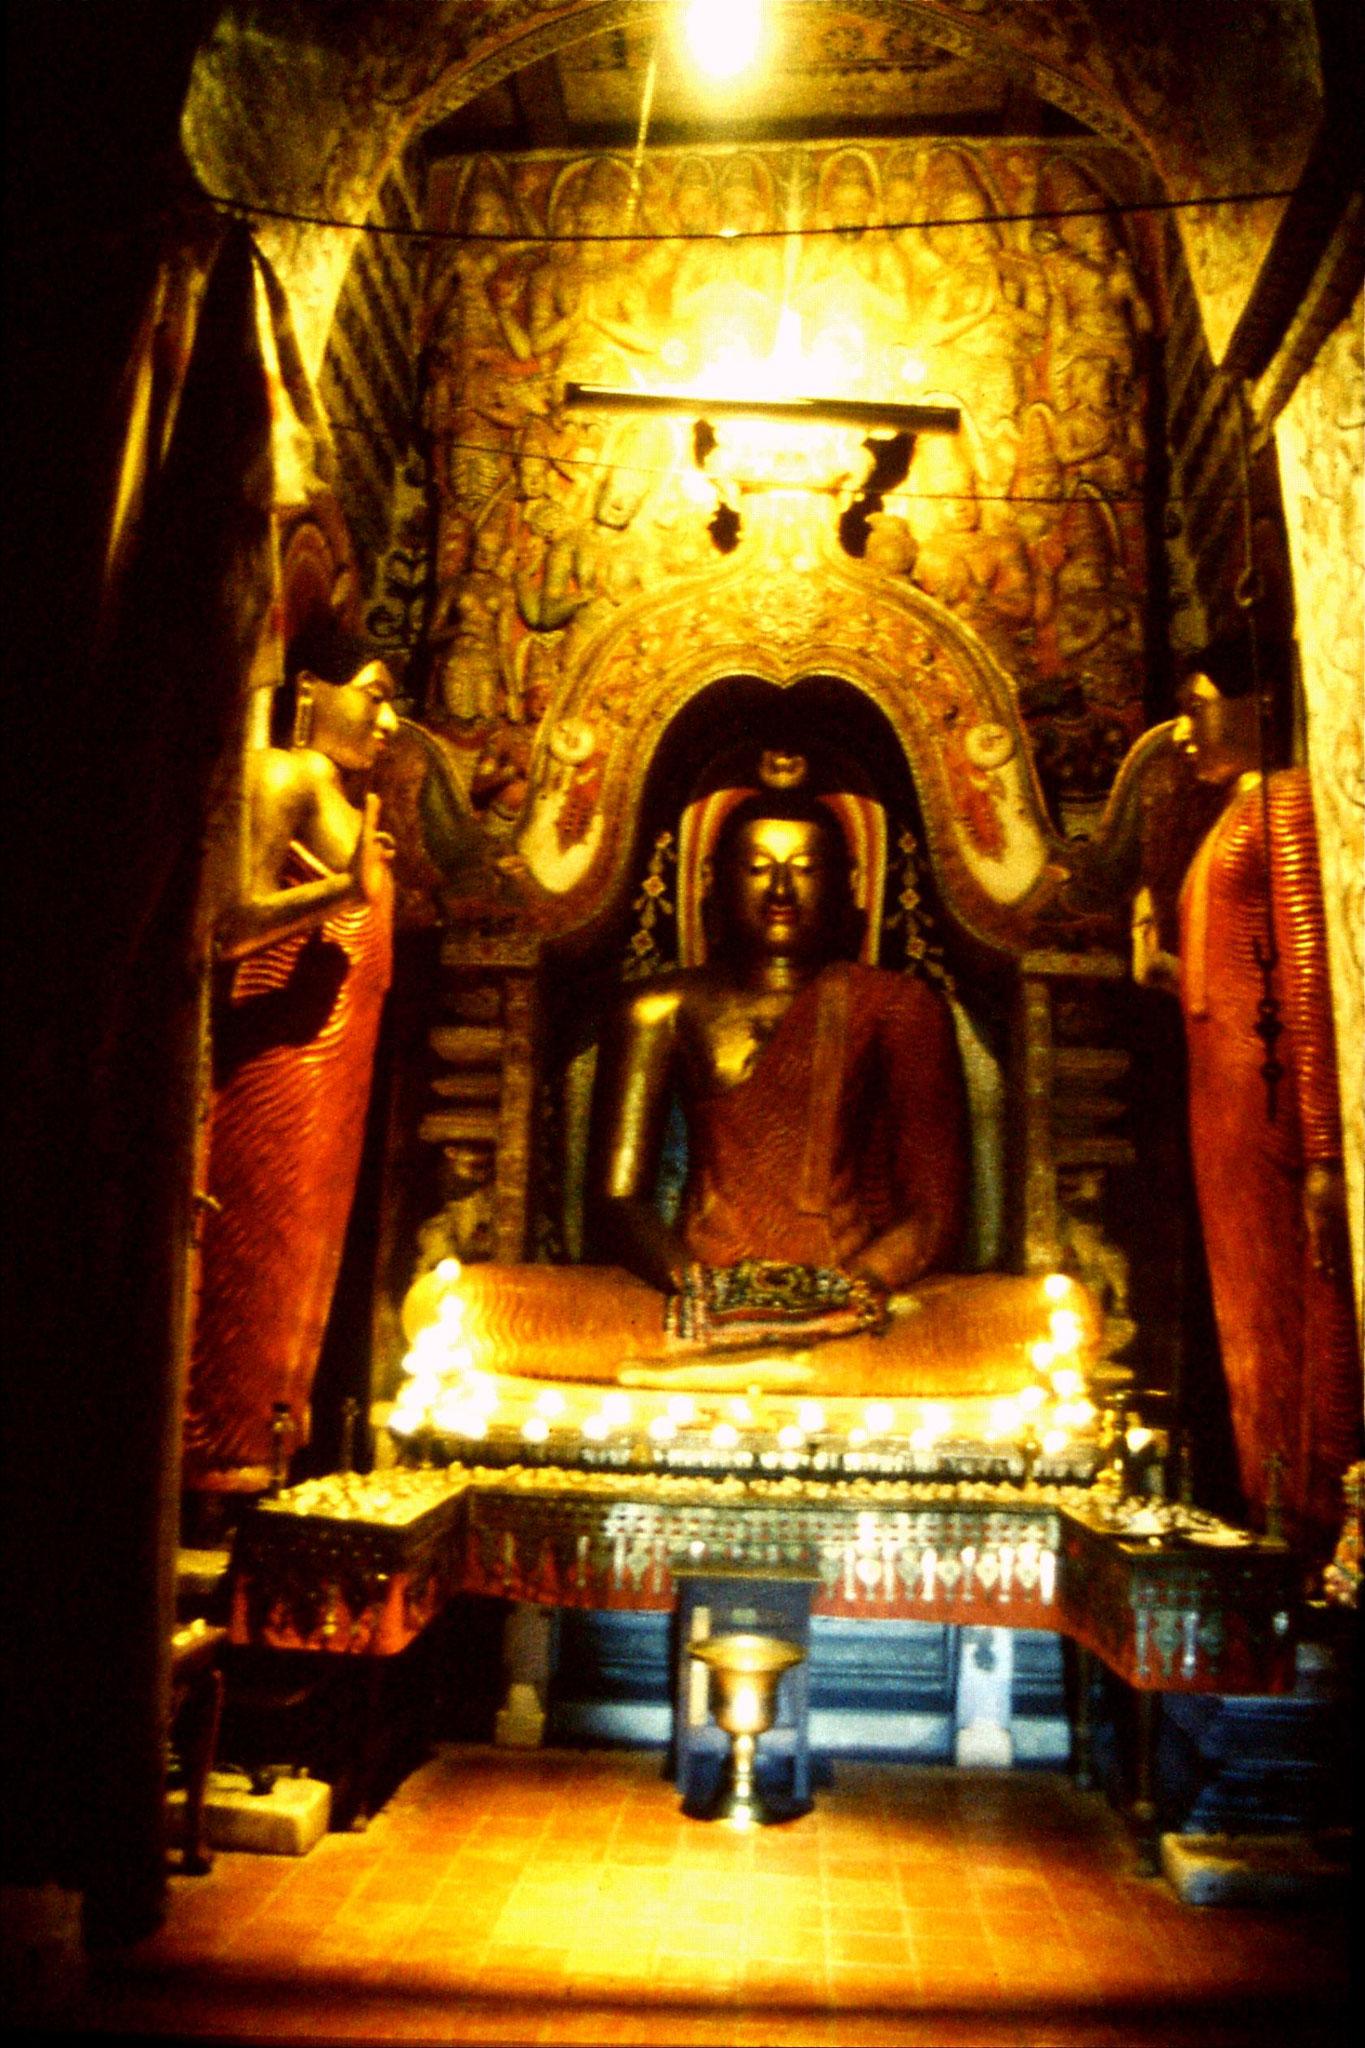 5/2/1990: 35: Lankahlaka temple inside dagoba